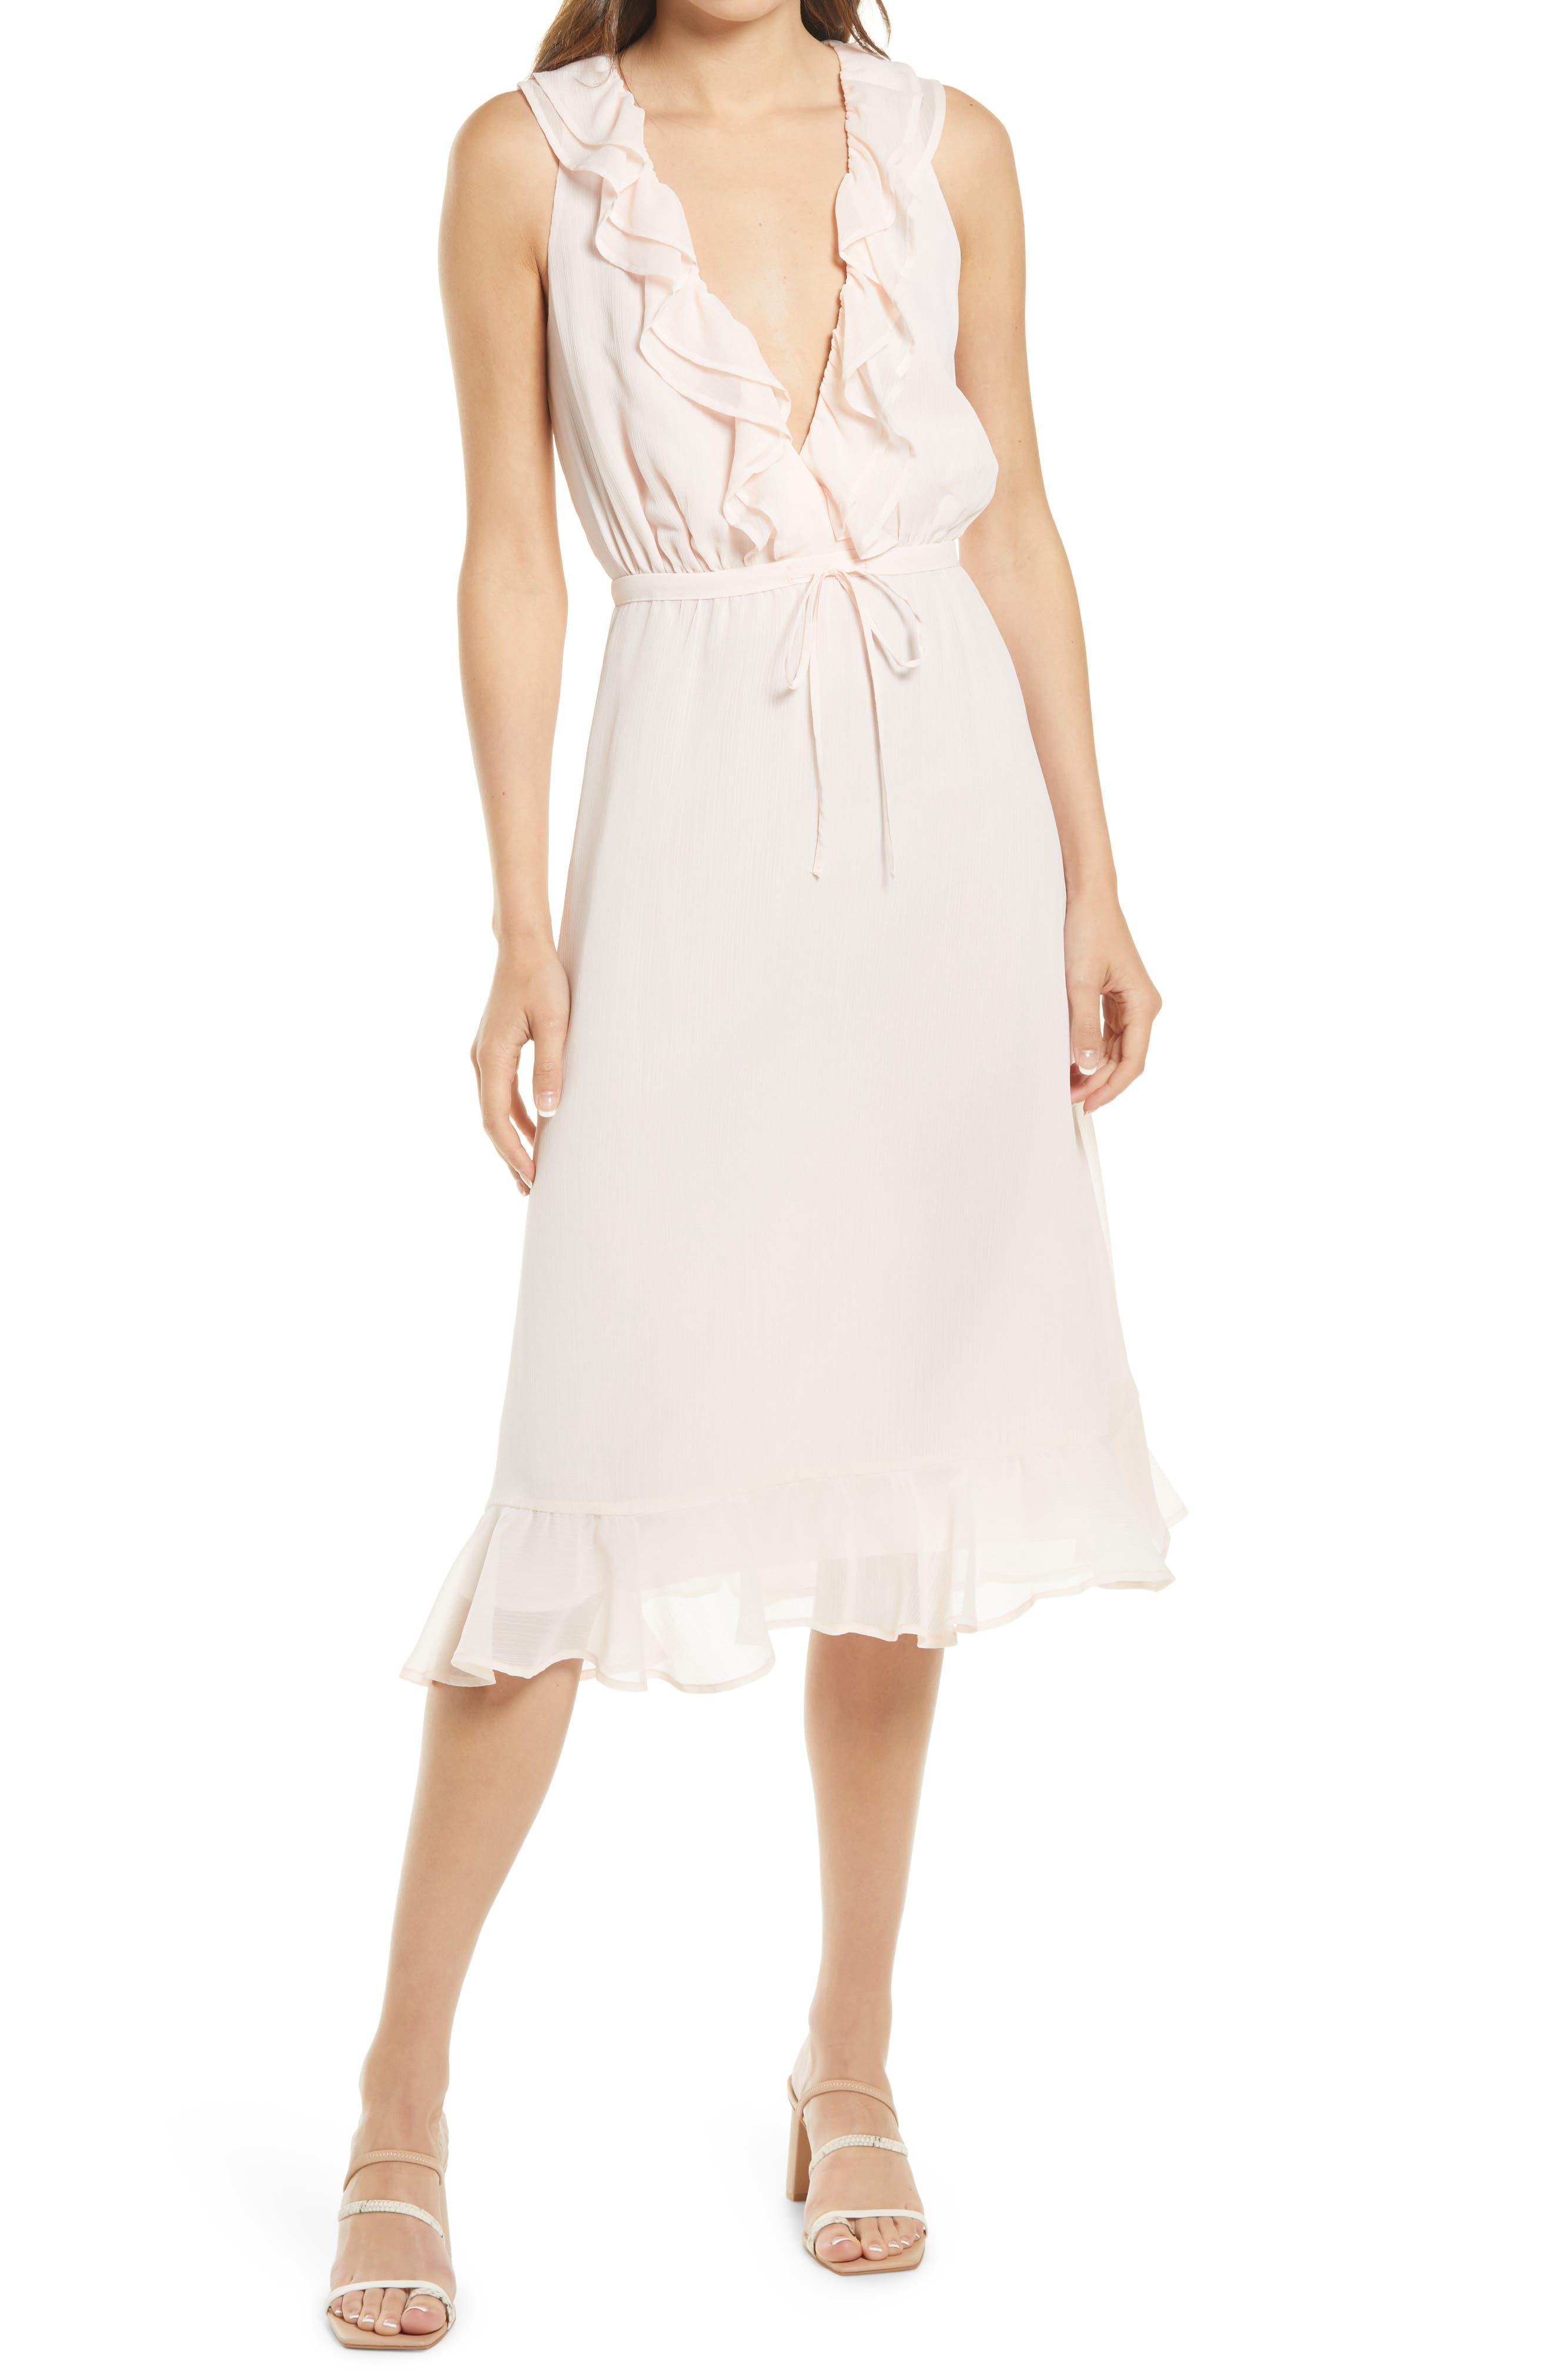 Ruffle Trim Chiffon Dress